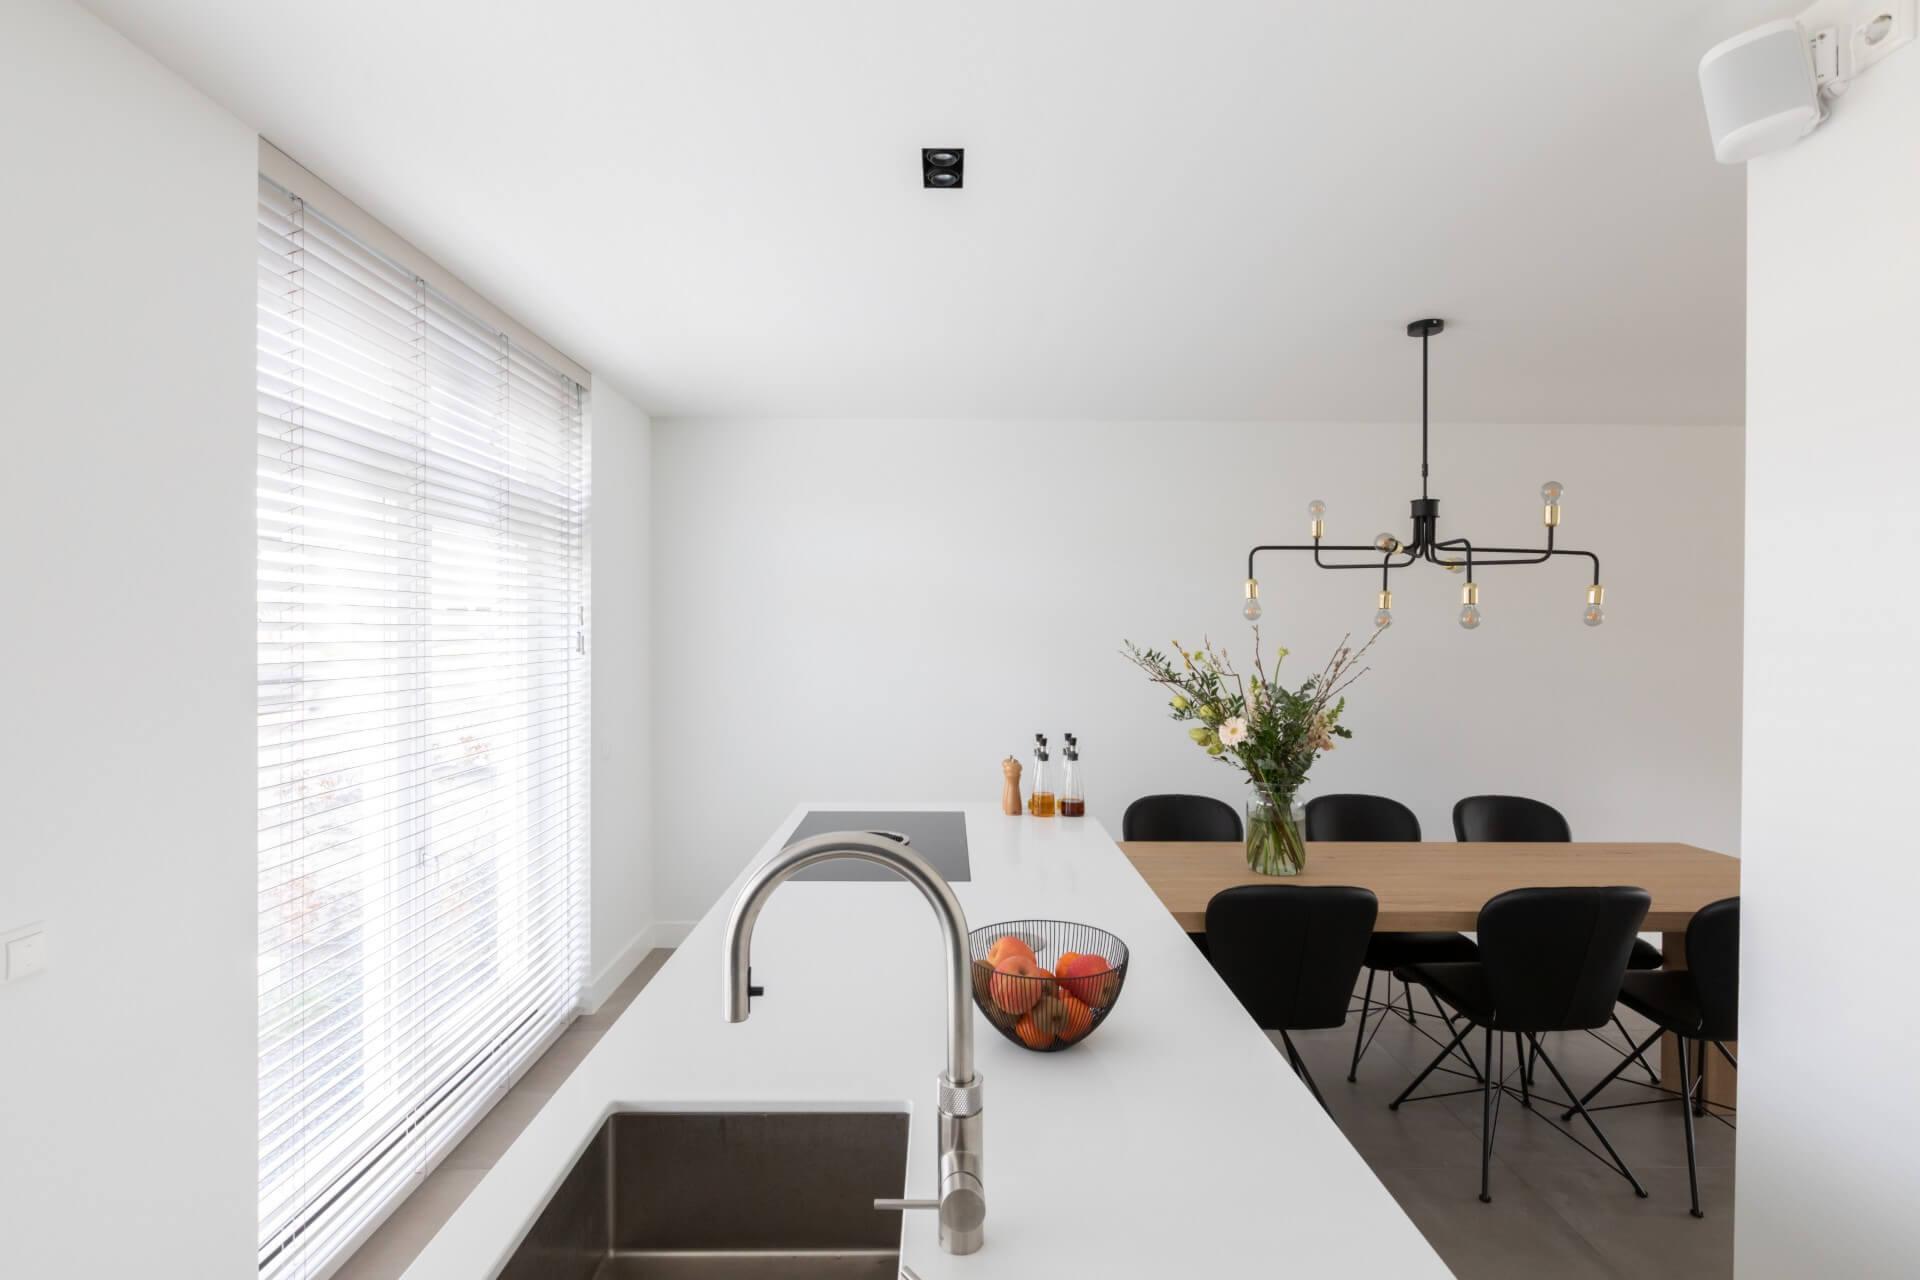 Moderne keuken met quooker